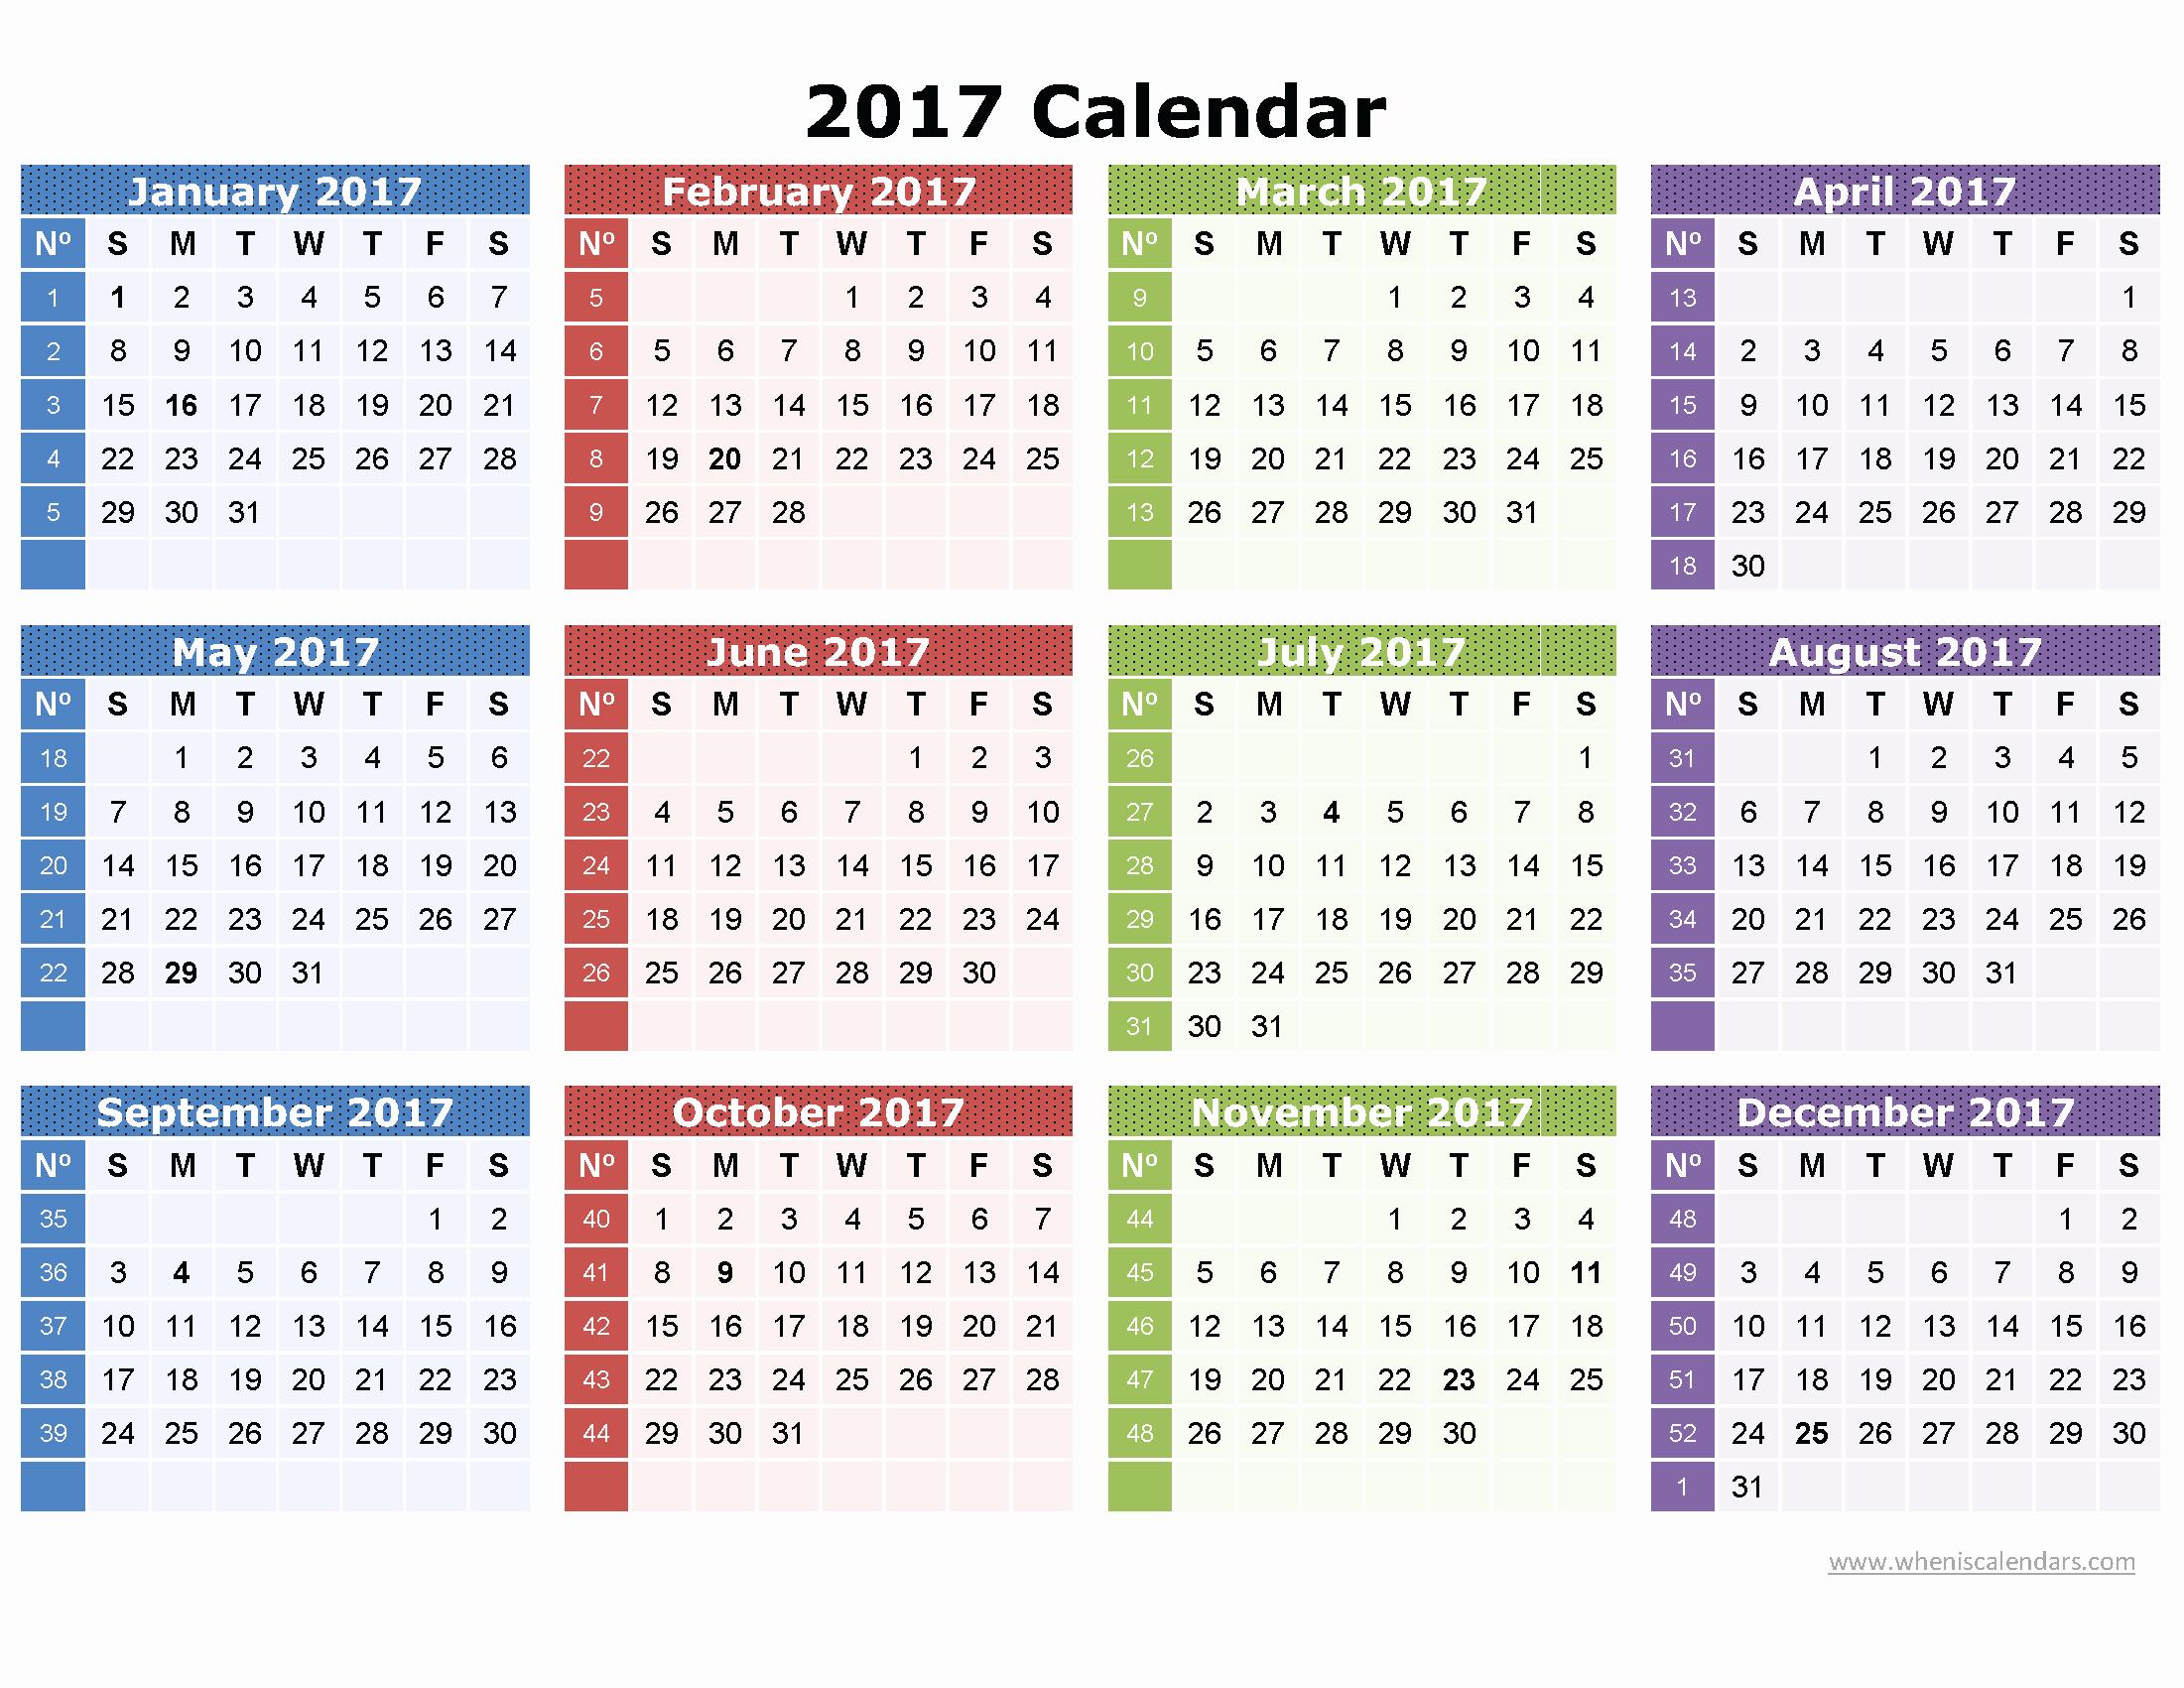 Free 12 Month Calendar 2017 New 2017 Year Calendar Wallpaper Download Free 2017 Calendar